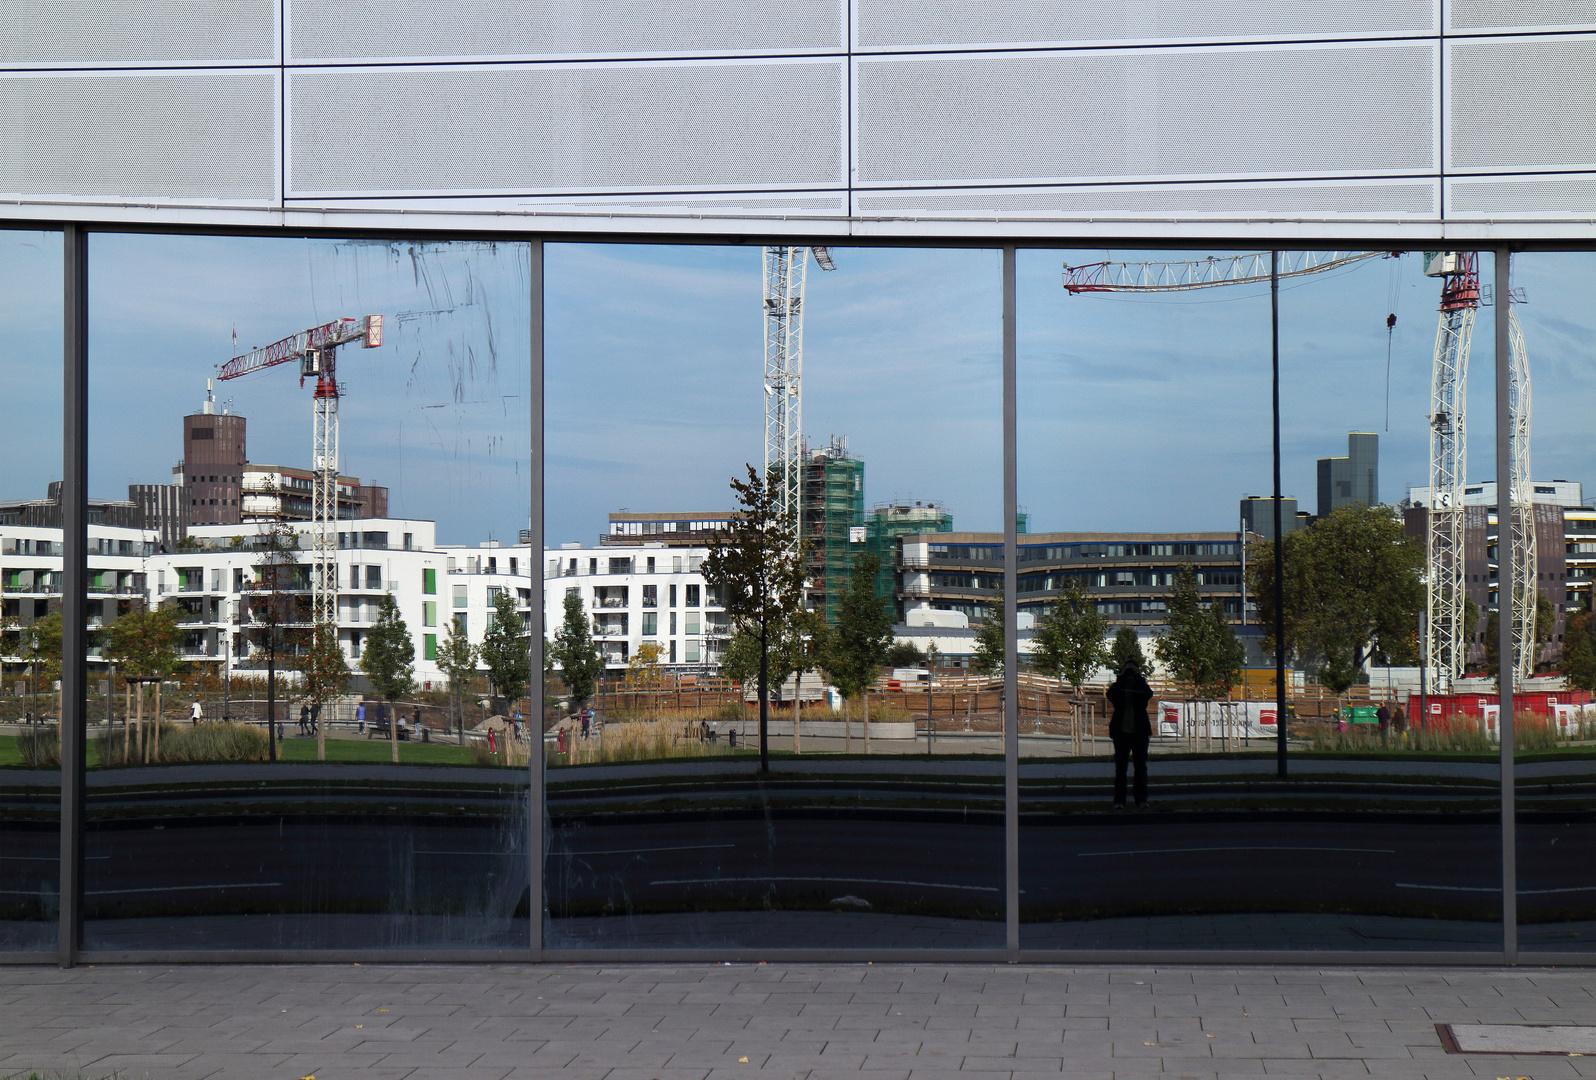 Limbecker Platz